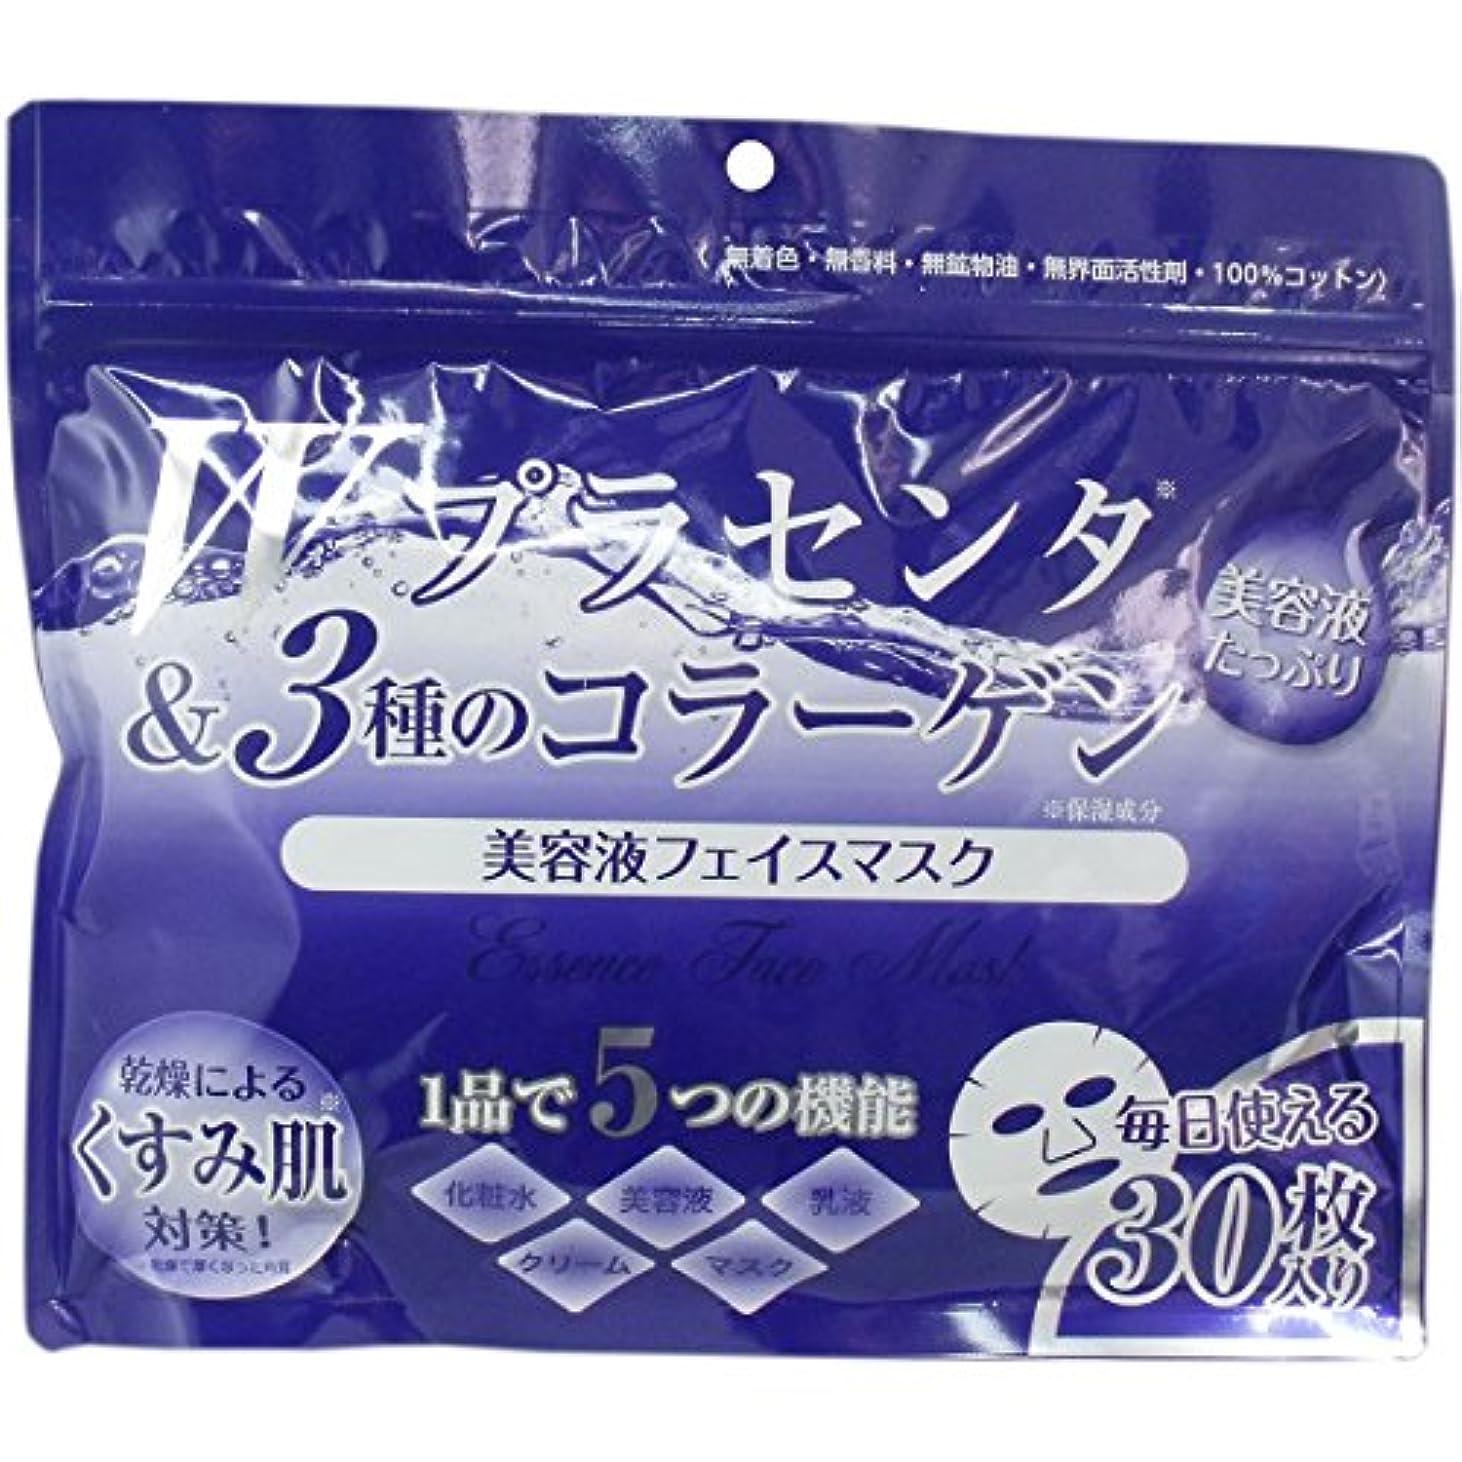 柔らかい足失う首尾一貫したオールインワン 美容液フェイスマスク Wプラセンタ&3種のコラーゲン 30枚入